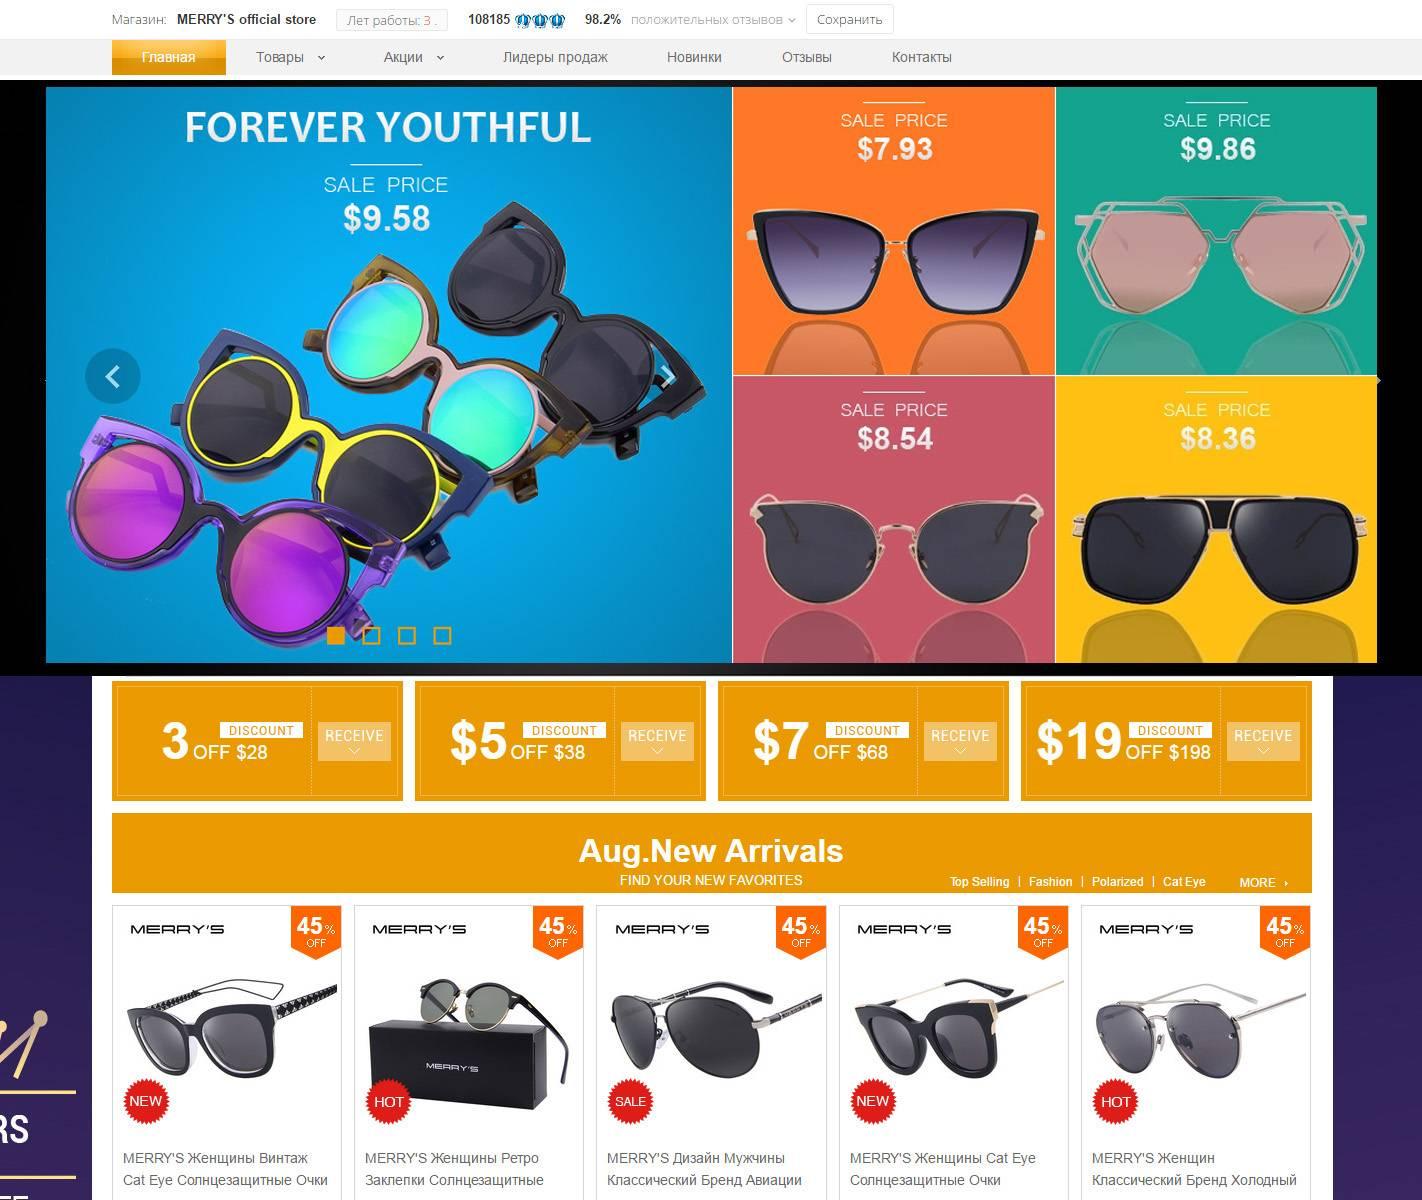 Солнцезащитные очки Merry's на Алиэкспресс